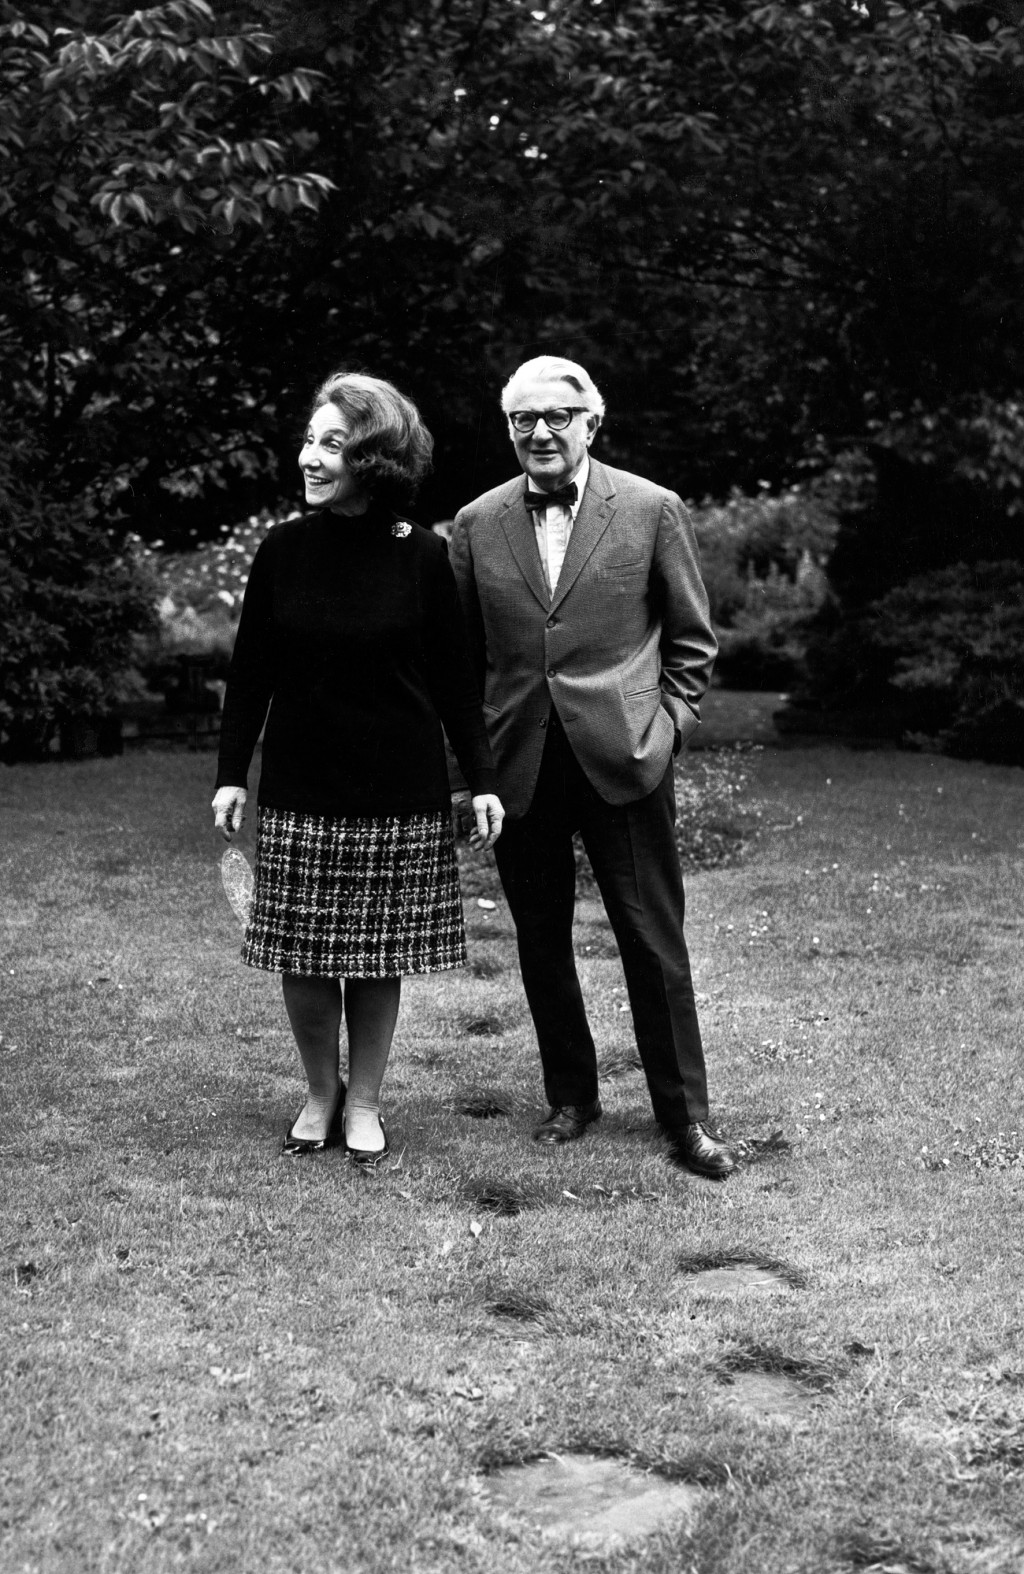 Hans en Alice de Jong, 1969. Foto: Eddy Posthuma de Boer.